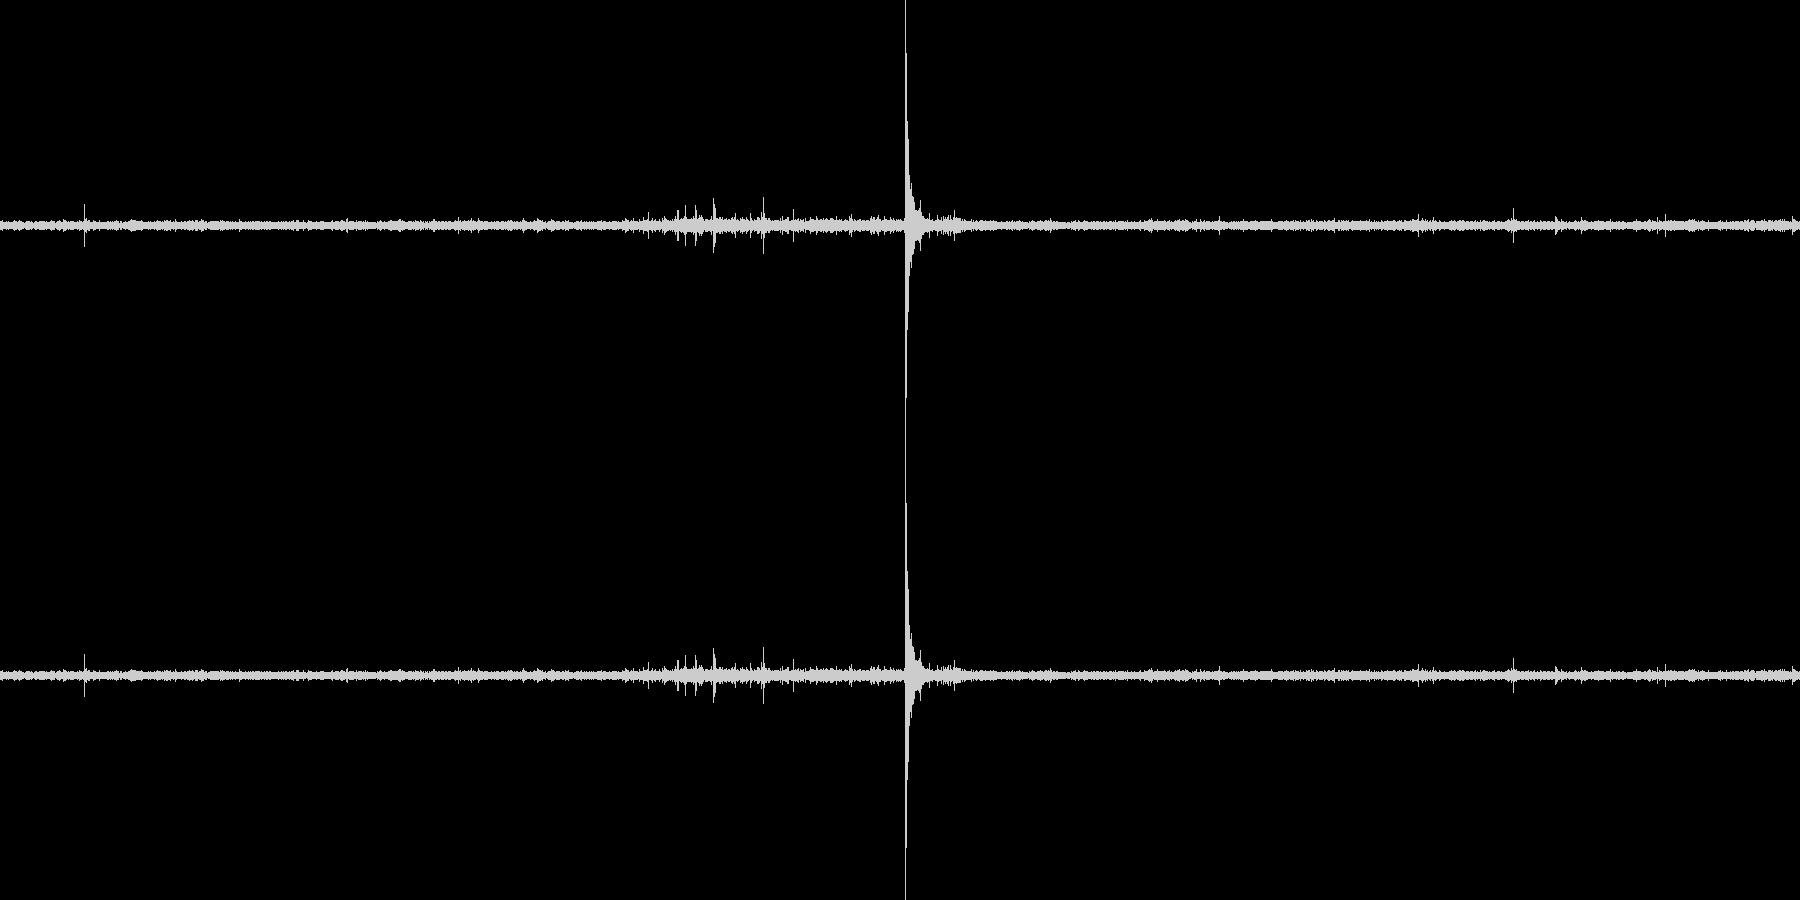 ししおどしの音の未再生の波形